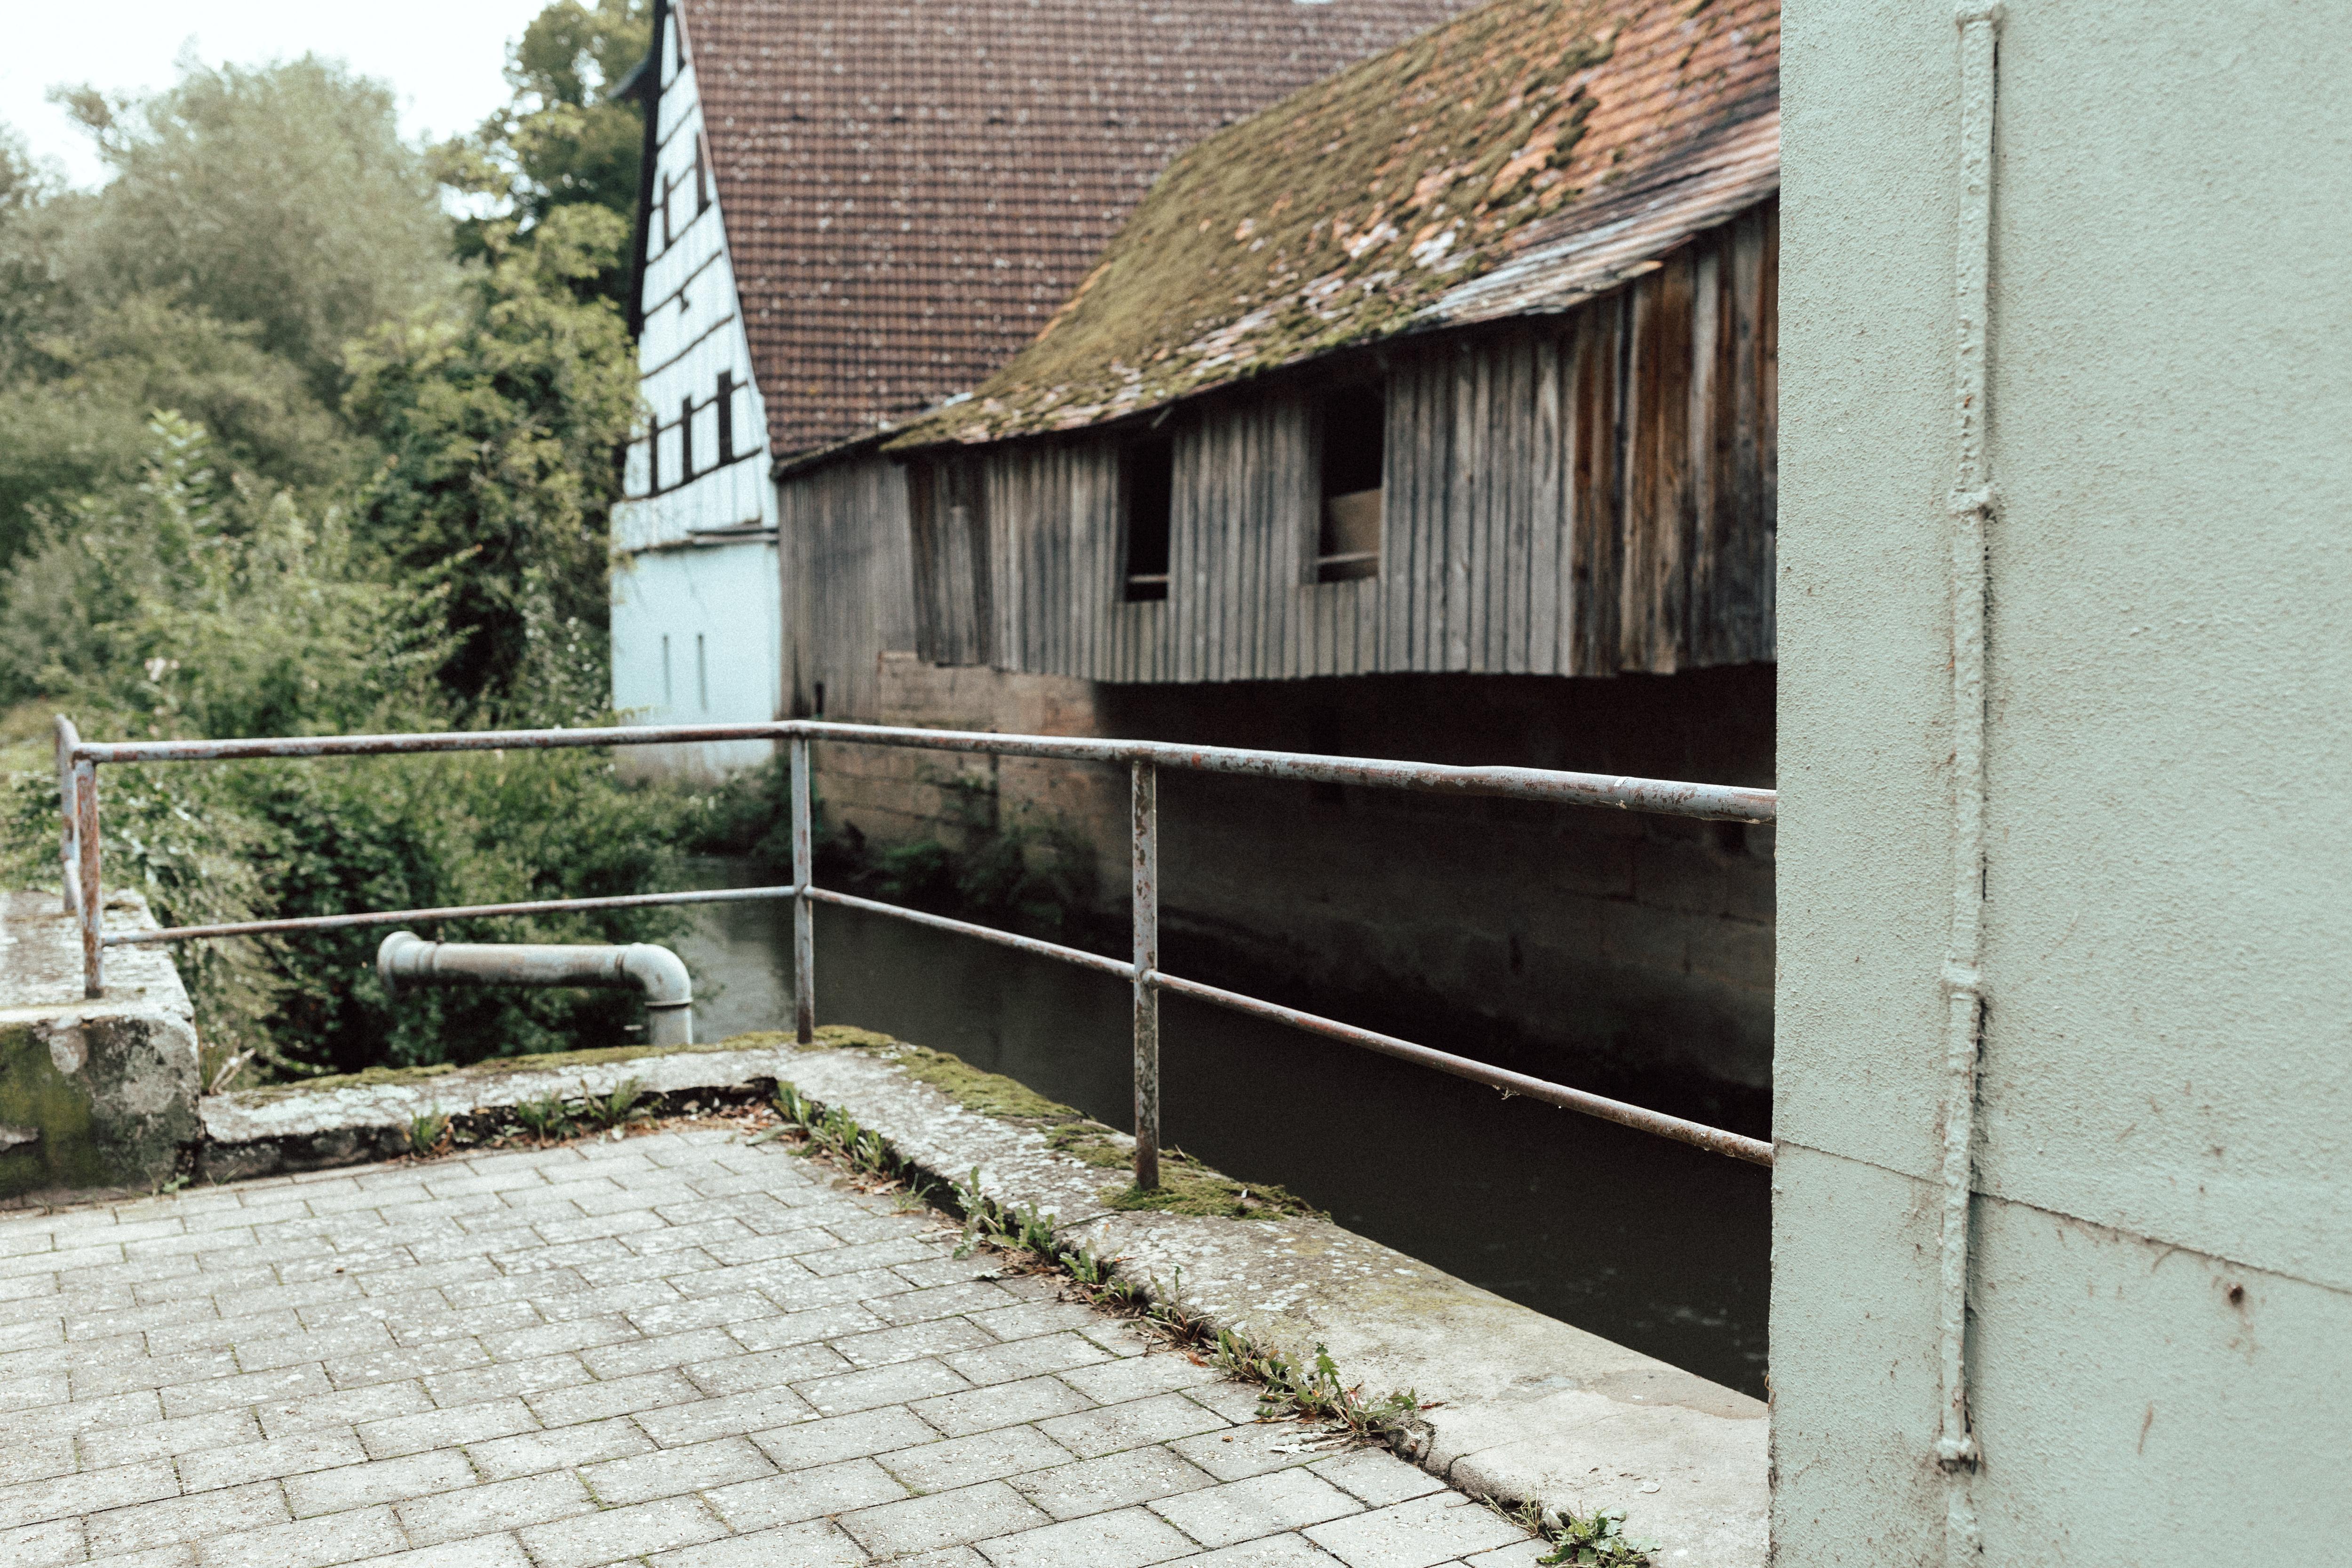 URBANERIE_Daniela_Goth_Fotografin_Nürnberg_Fürth_Erlangen_Schwabach_170902_004_0024